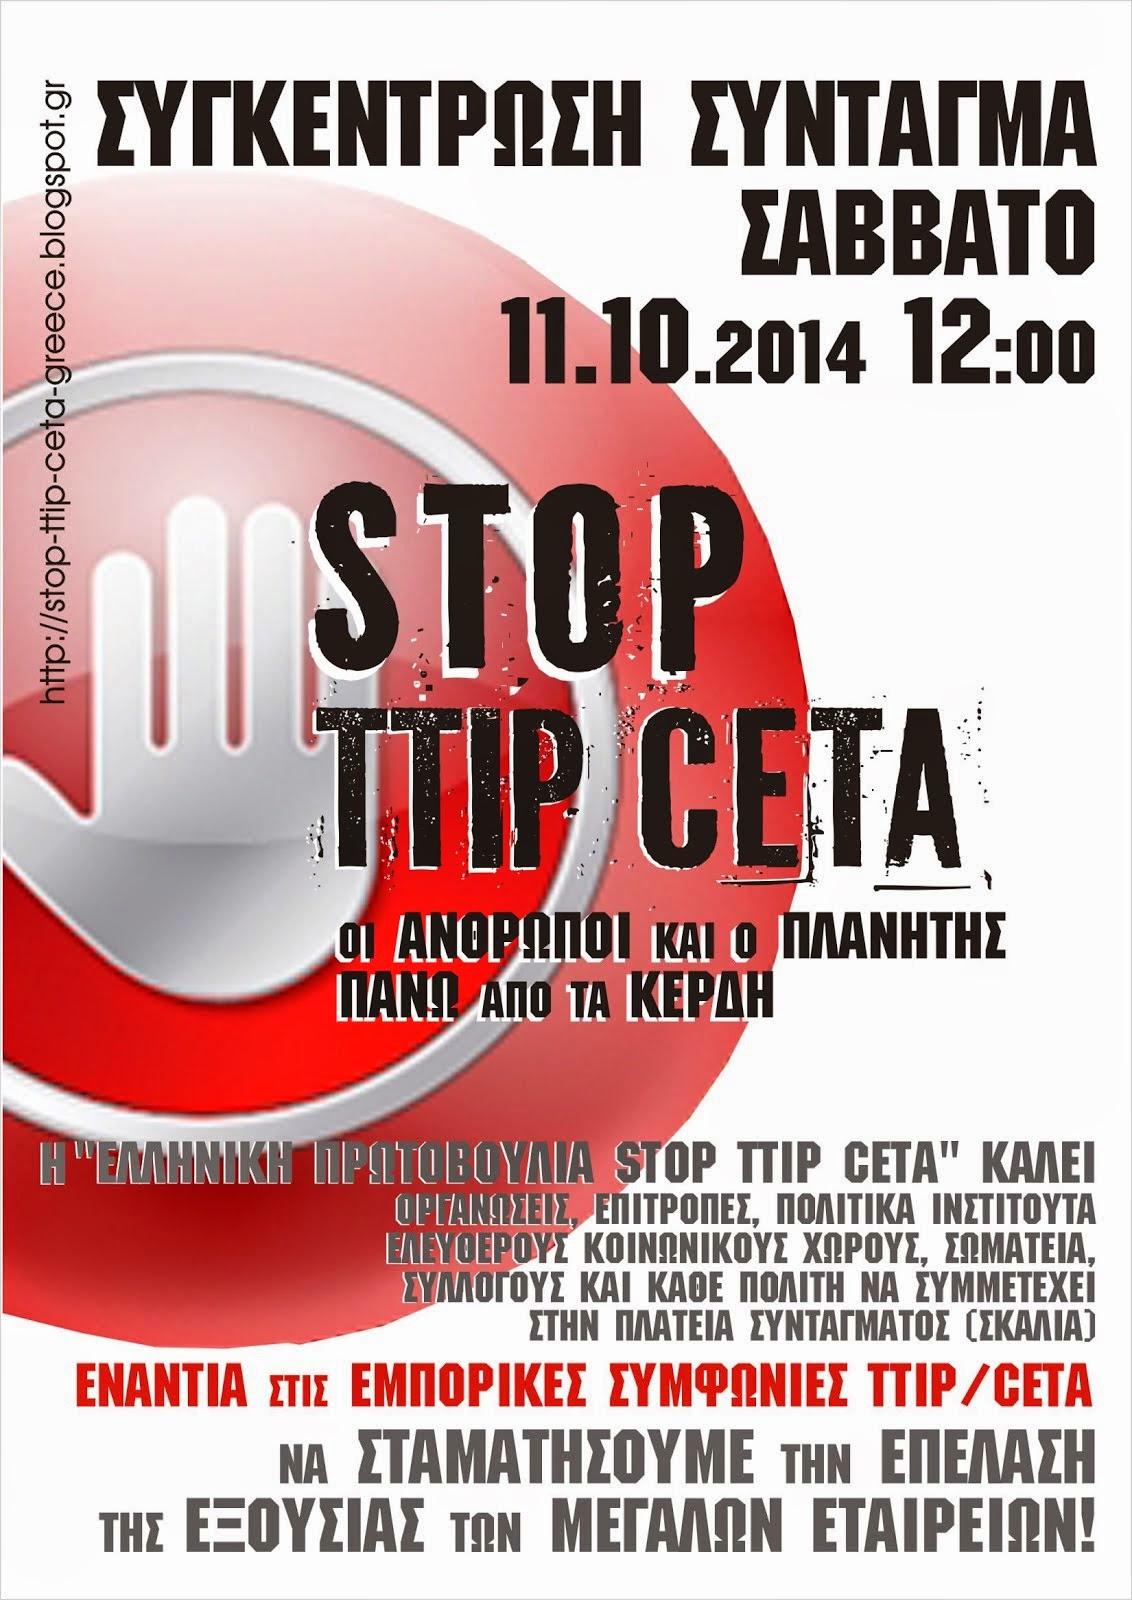 Αφίσα, κάλεσμα για την κινητοποίηση στο Σύτναγμα